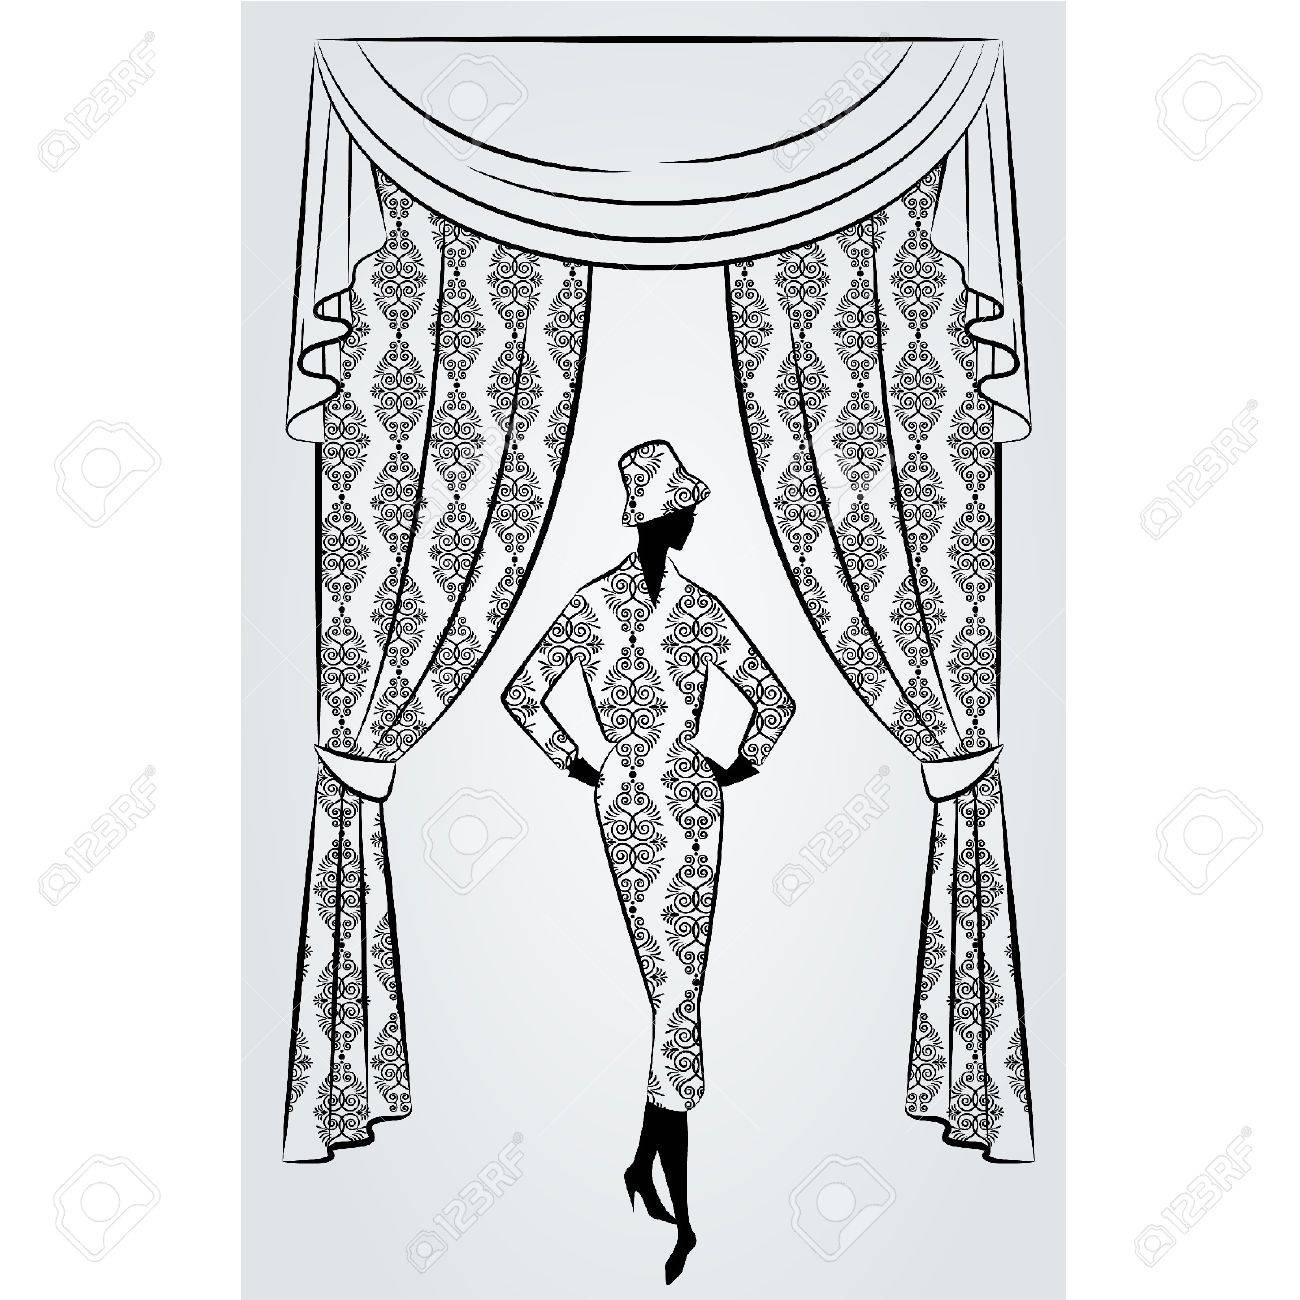 Y cortinas en casa decoración interior de la silueta (Interior de la casa decoración, interior cortinas en casa)